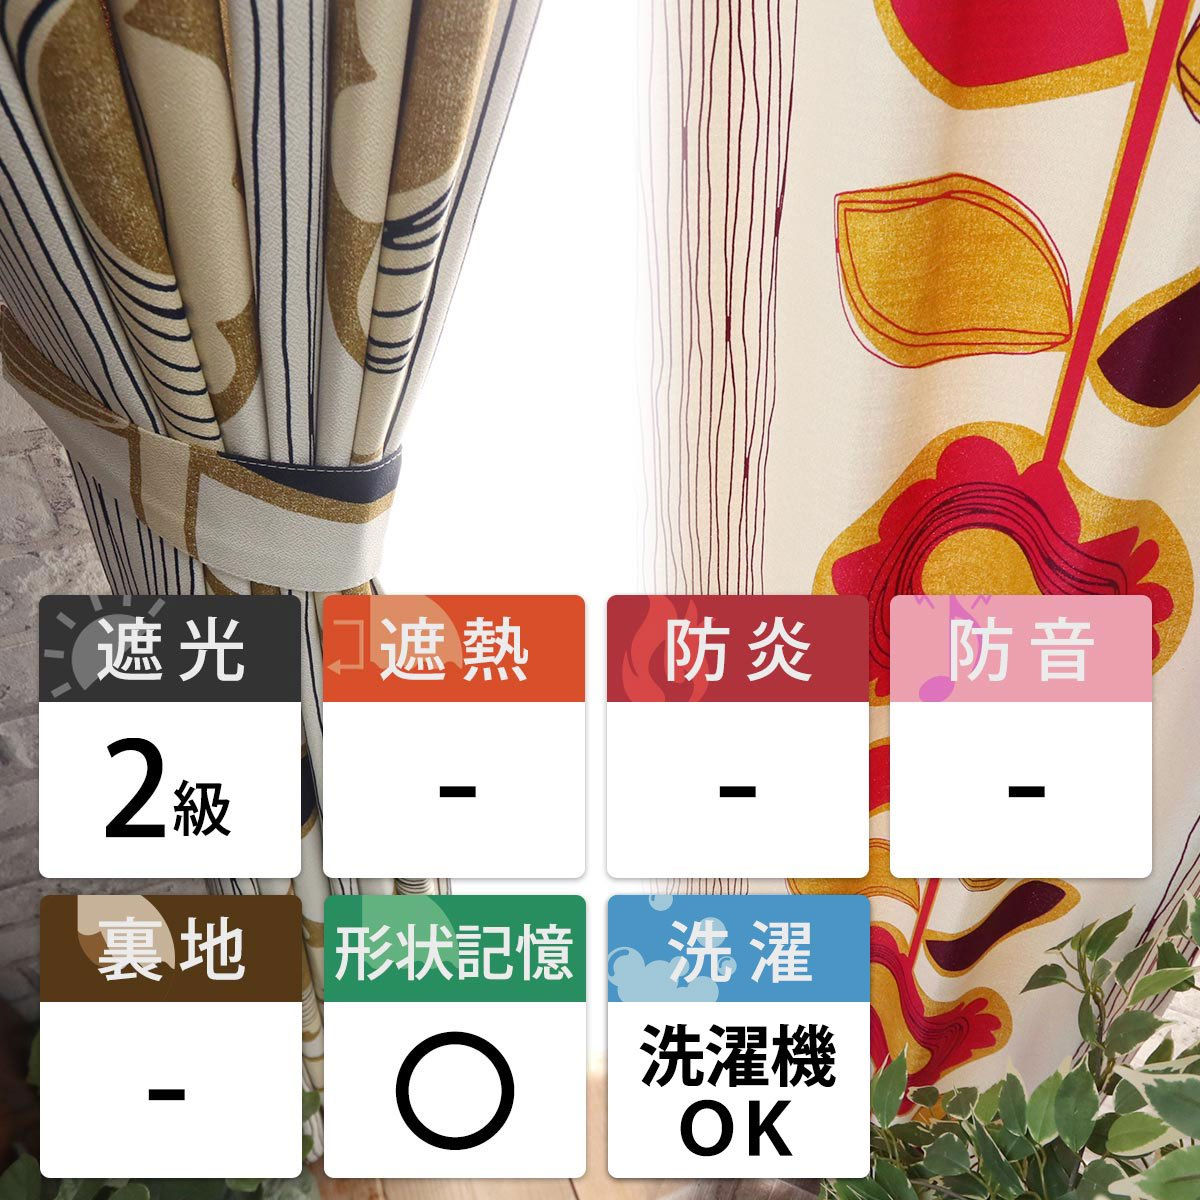 100サイズから選べる!お洒落な北欧デザインの花柄カーテン 『ブルーメ アイボリー』